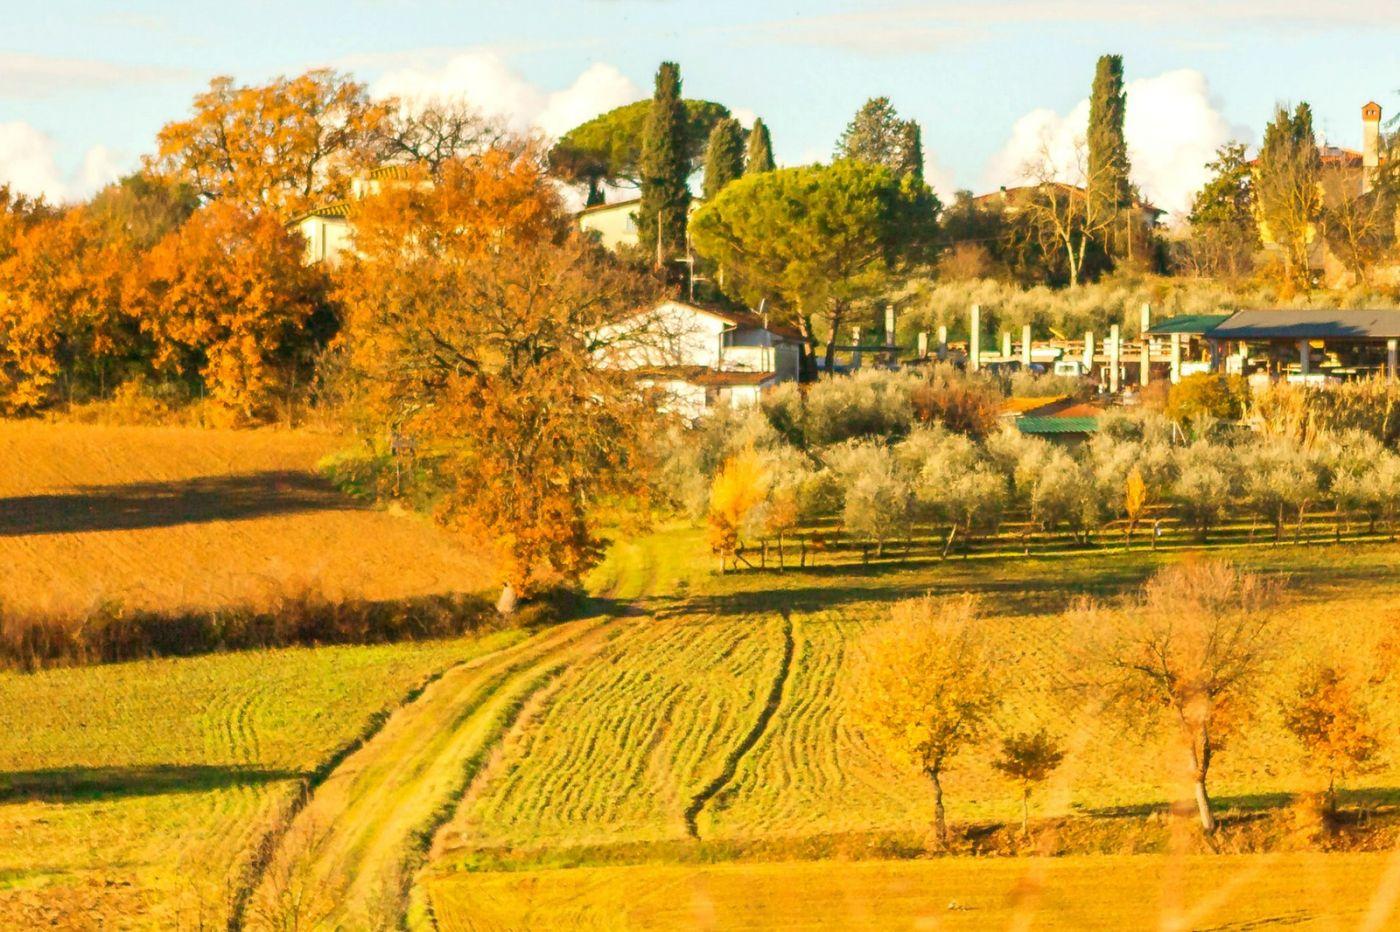 意大利路途,这就是乡村生活?_图1-28